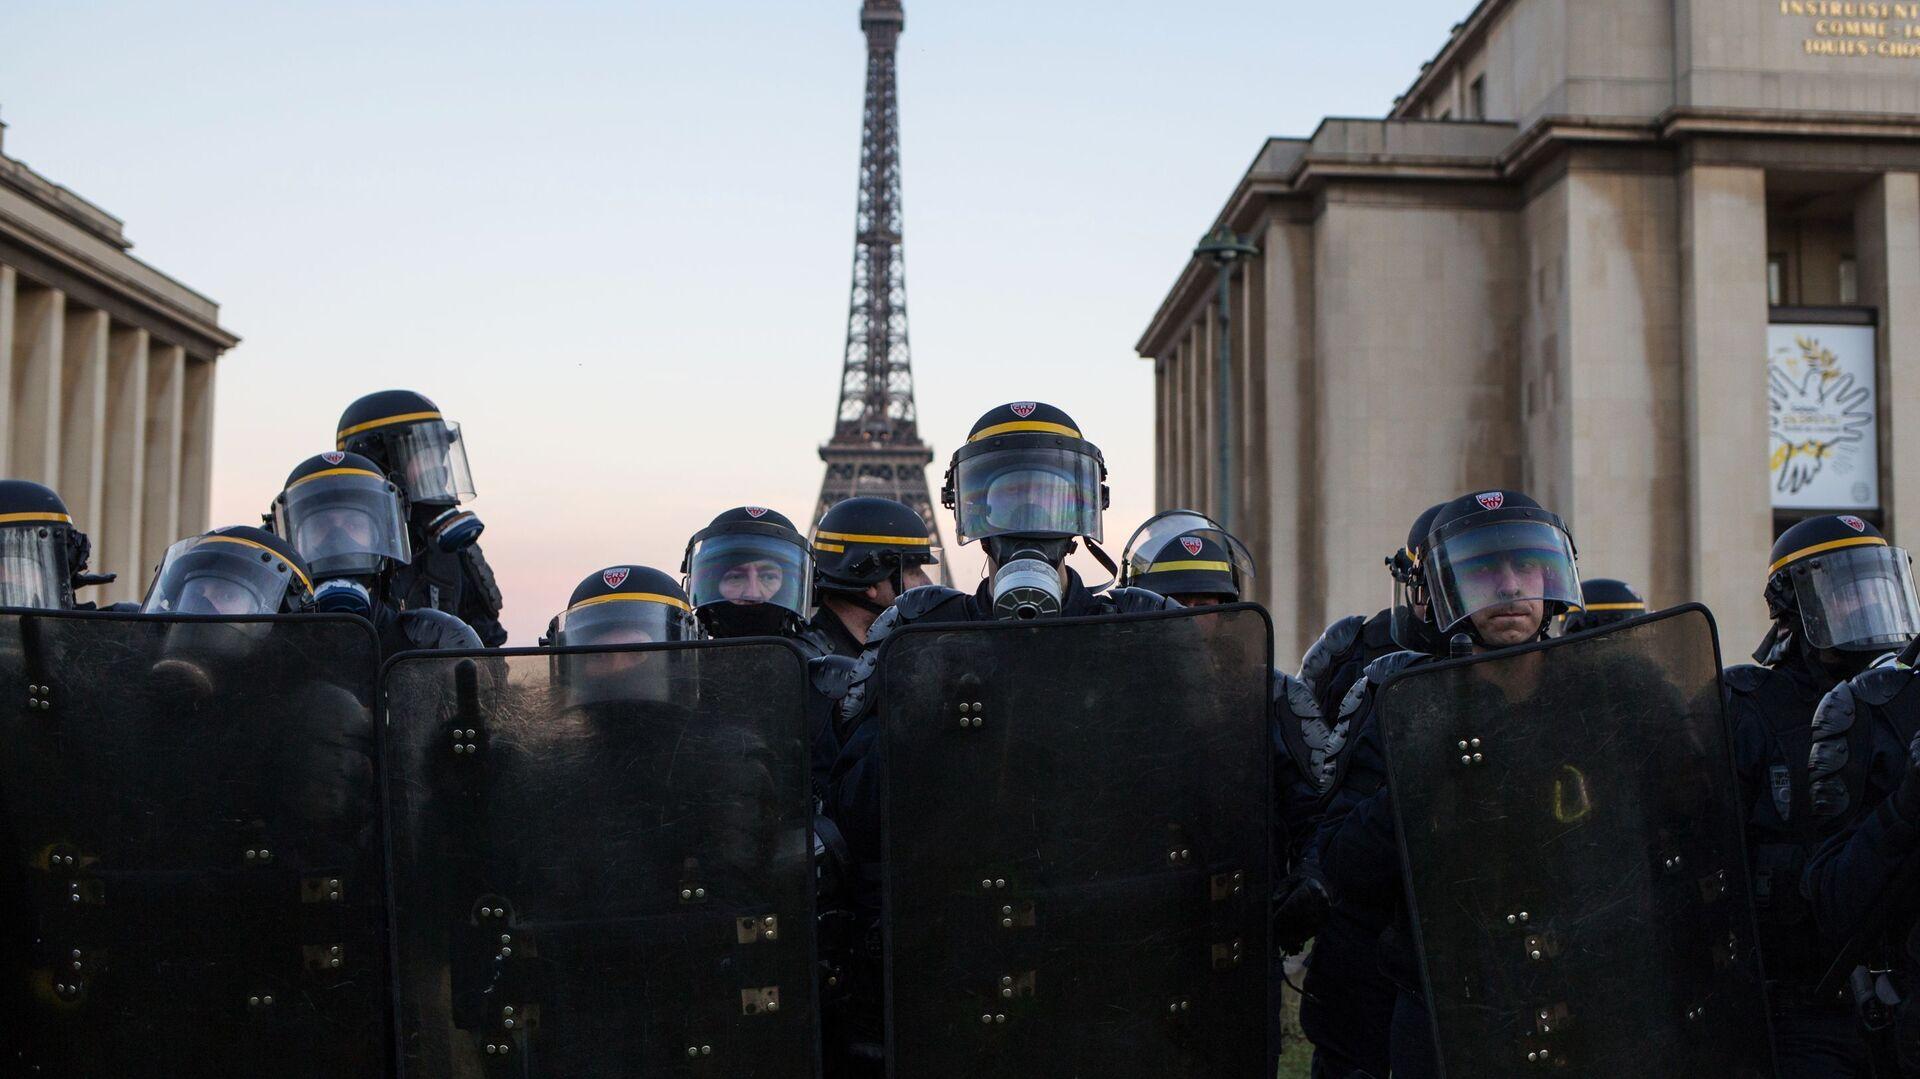 Сотрудники полиции во время акции протеста желтых жилетов в Париже - РИА Новости, 1920, 03.04.2021